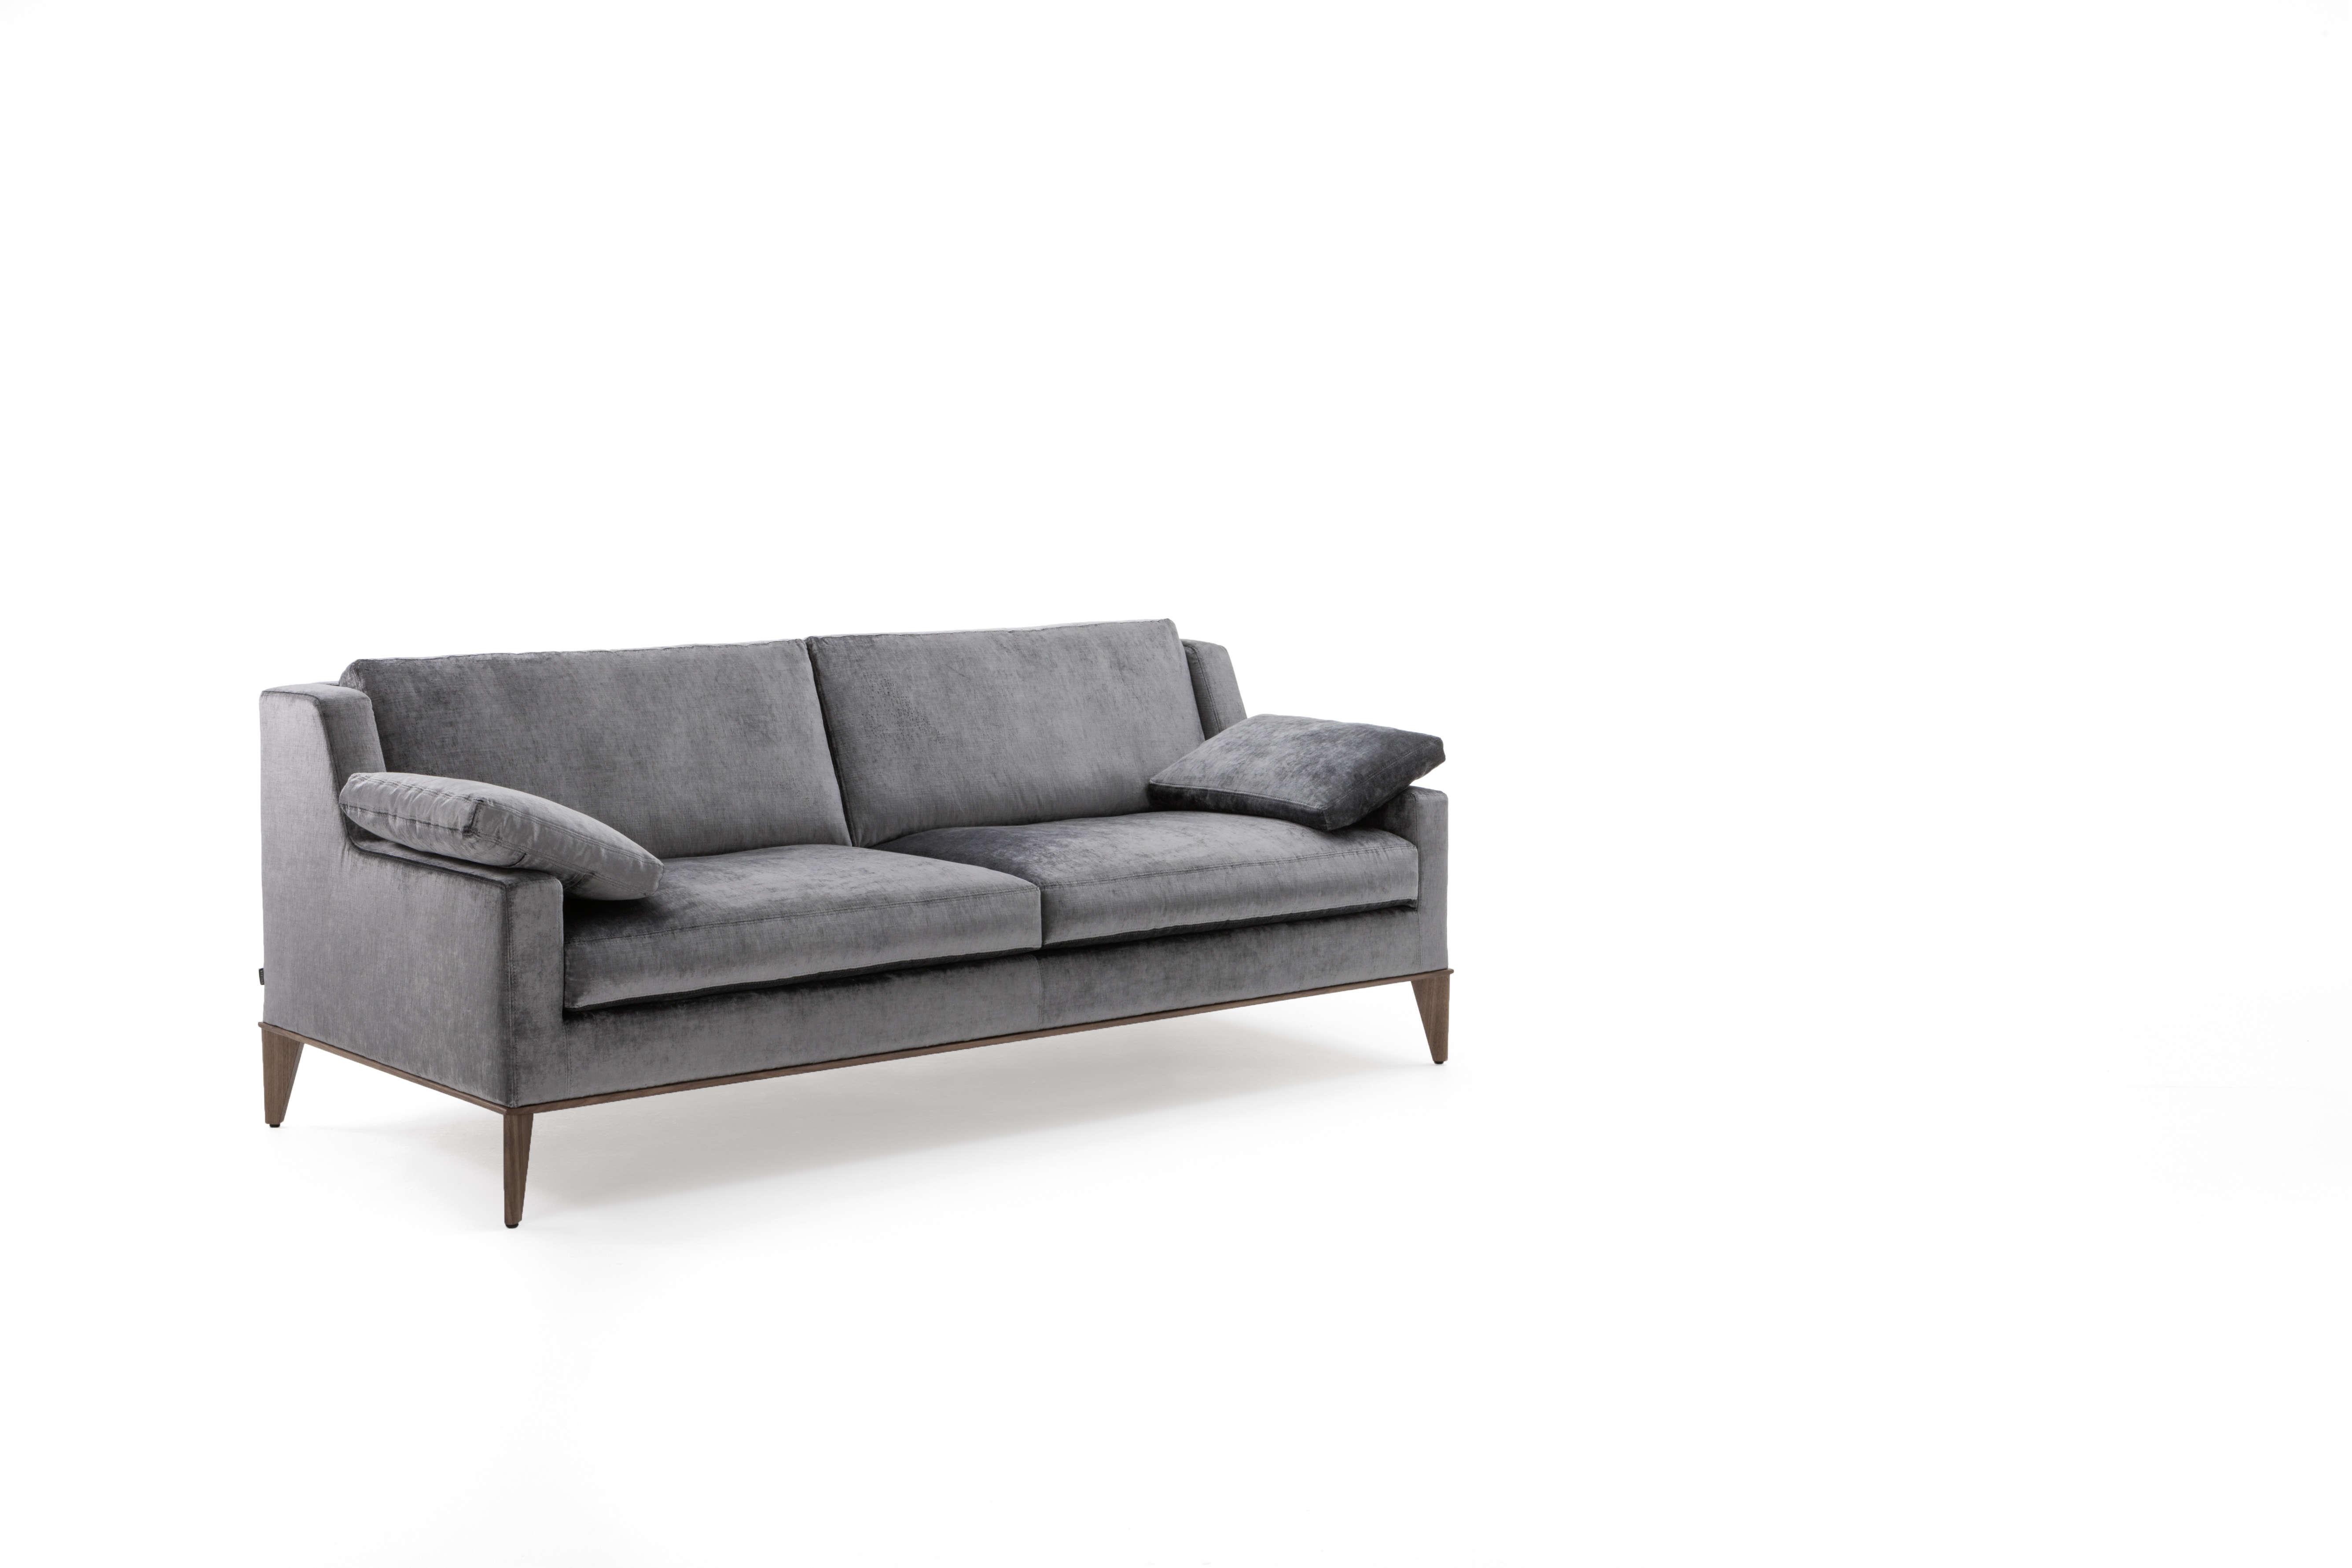 nordisch inspirierend sofa skagen von werther